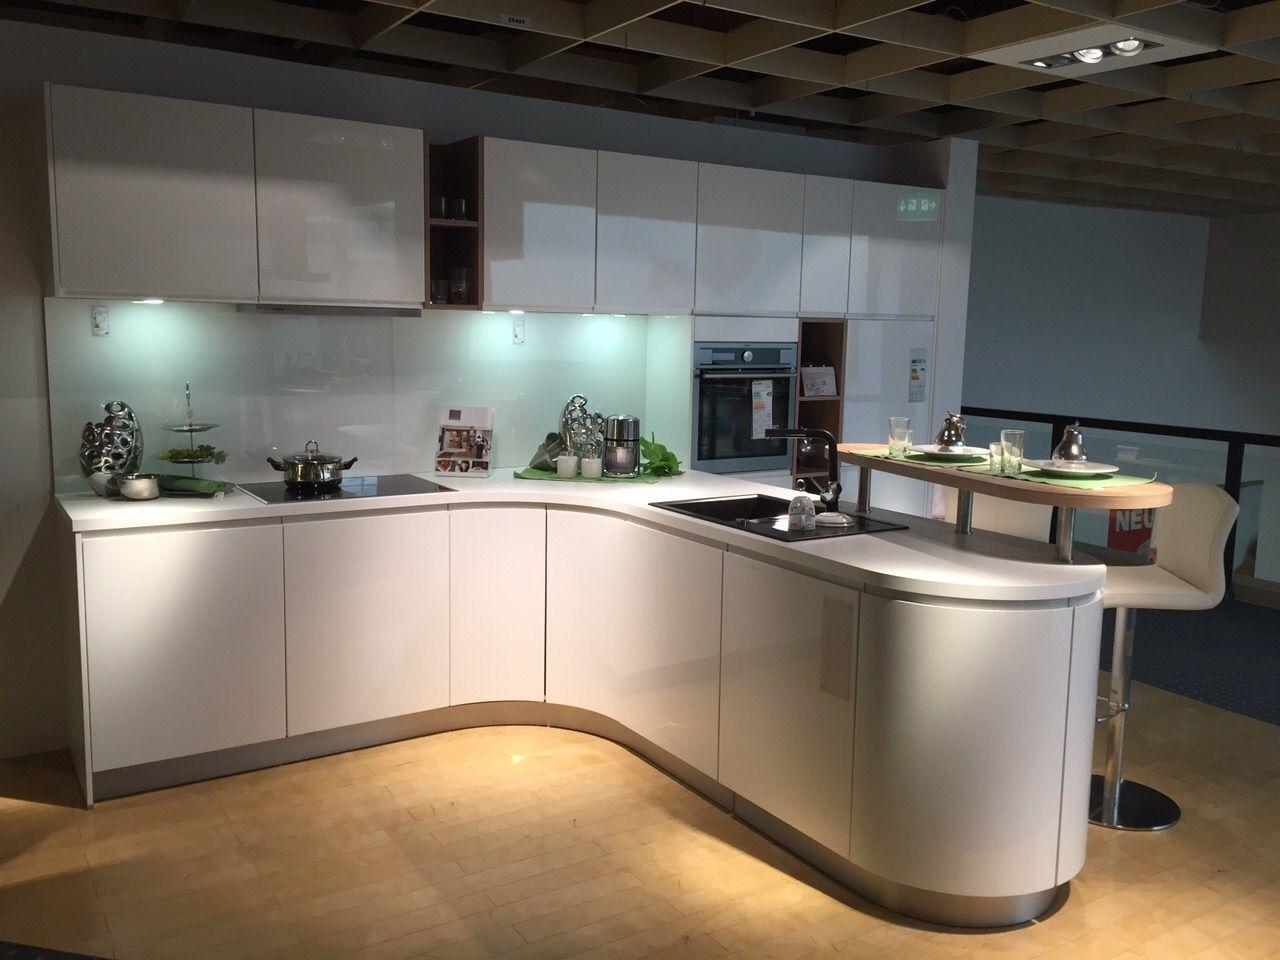 Ausgezeichnet Küchen Designs Mit Doppelwand öfen Fotos - Küche Set ...